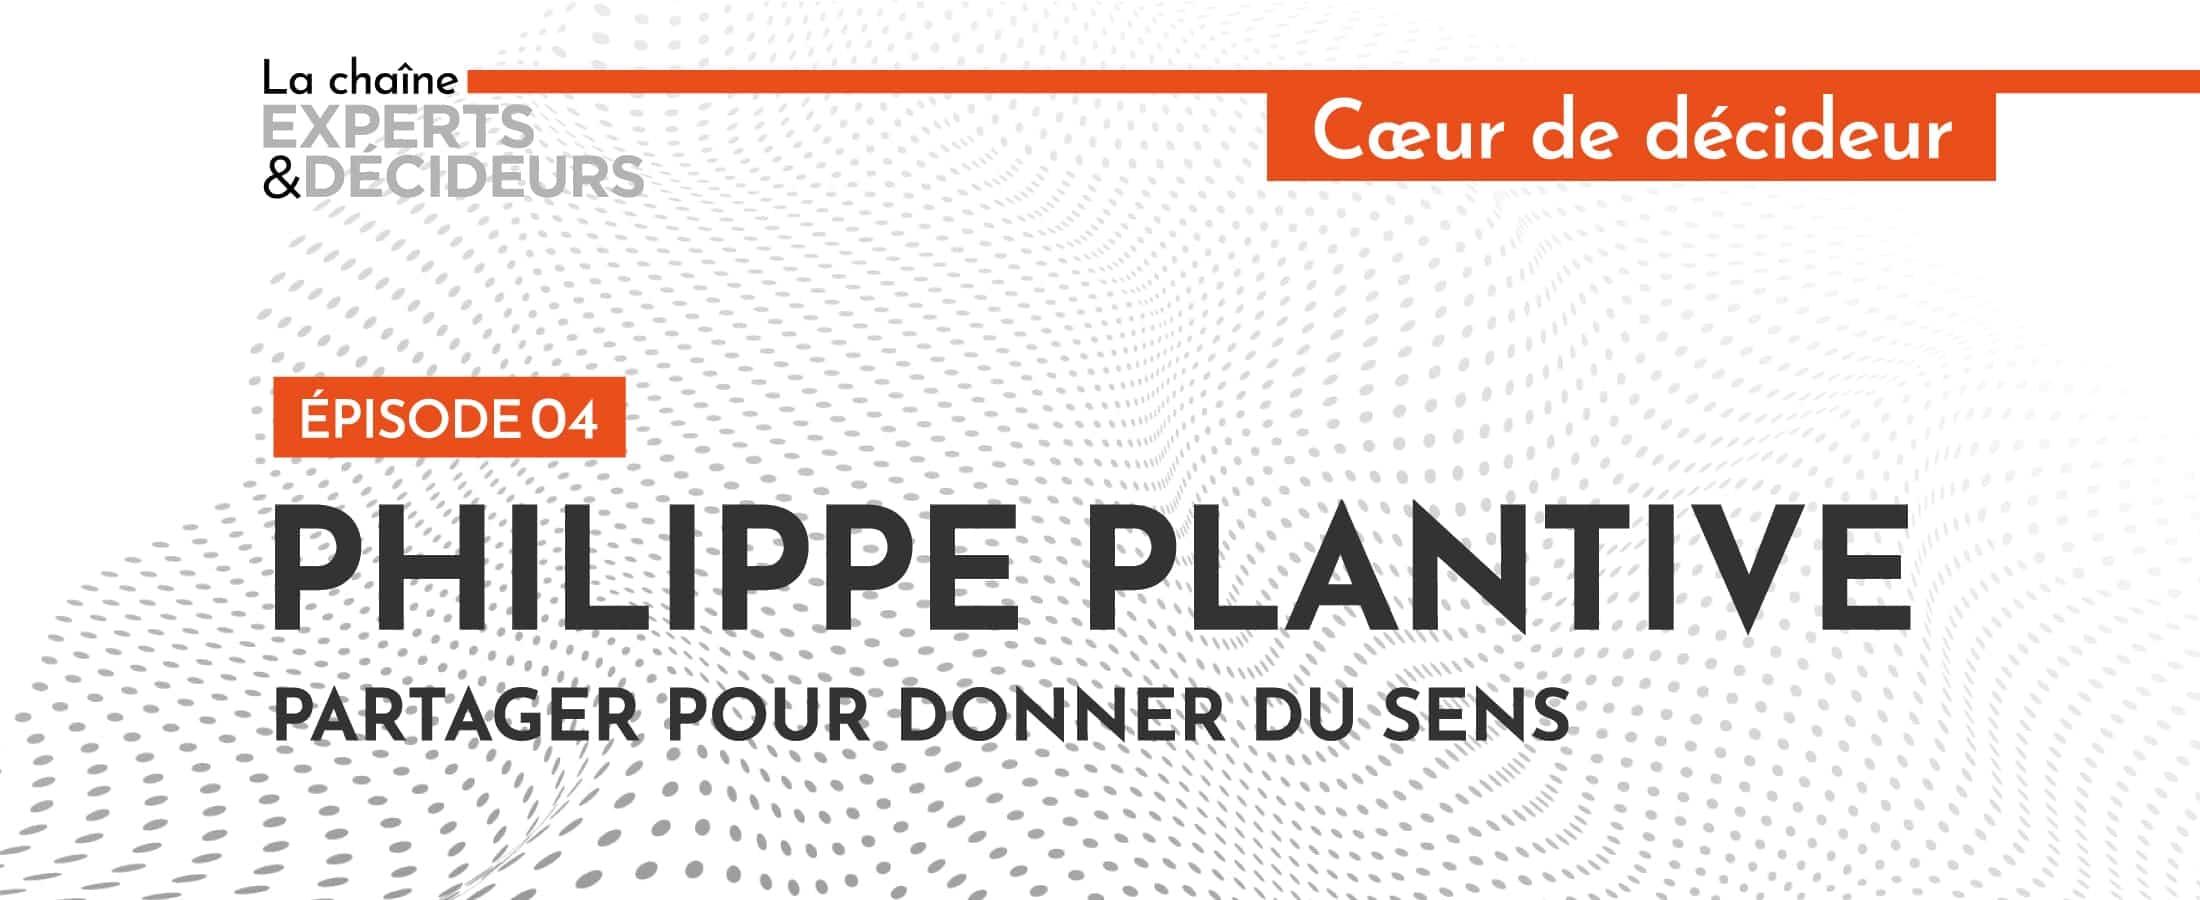 [Podcast] Philippe Plantive : Partager pour donner du sens